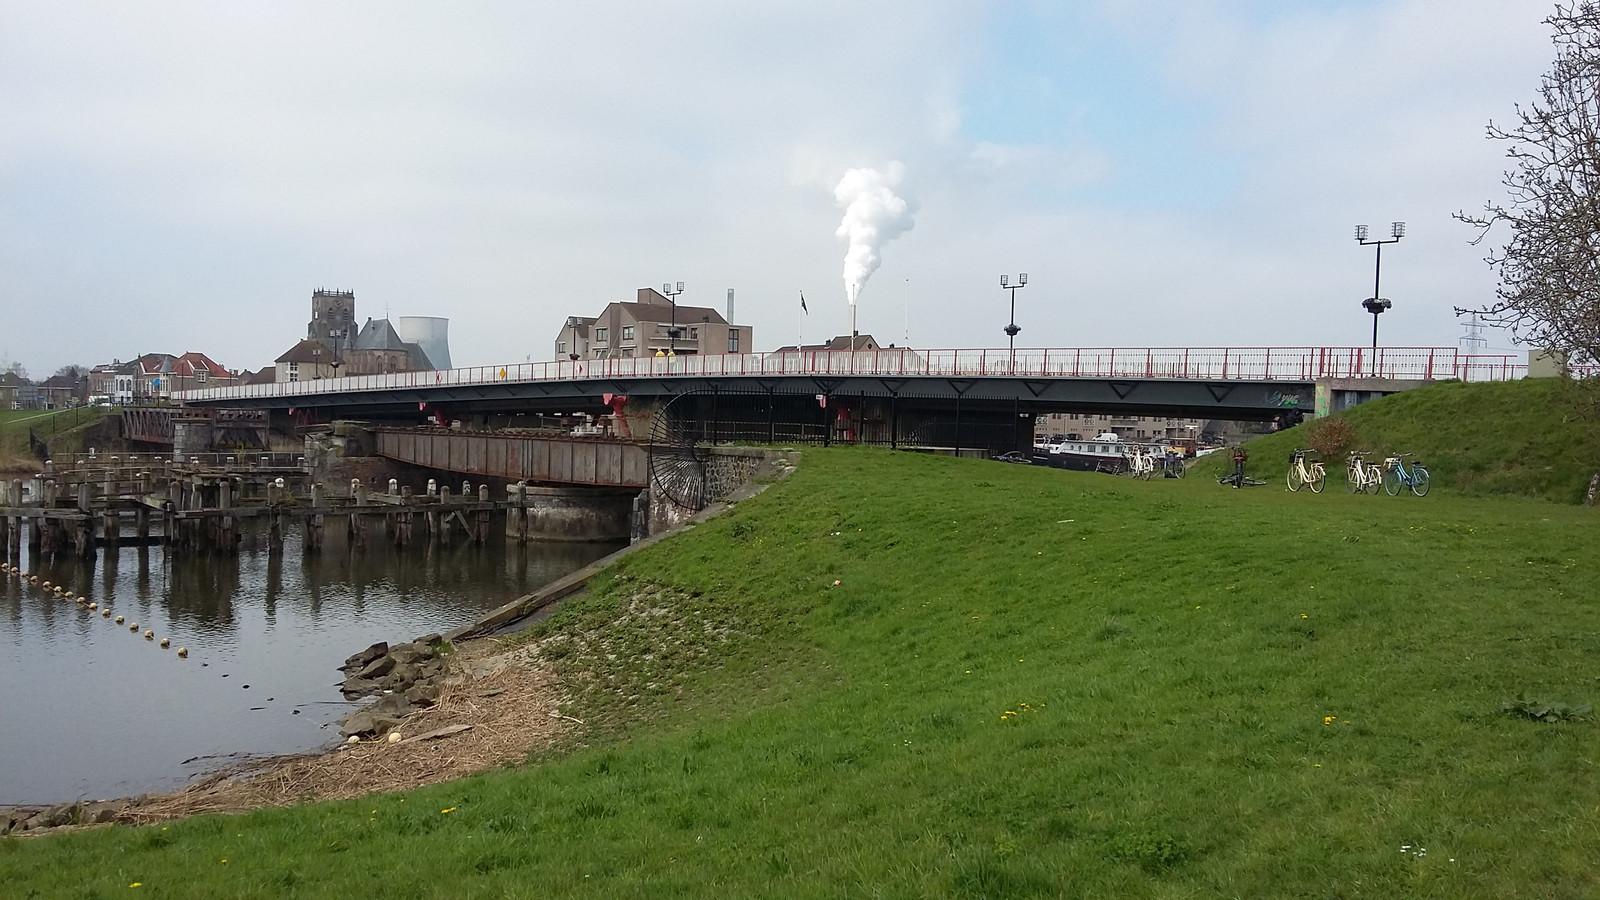 De brug tussen Raamsdonksveer en Geertruidenberg.